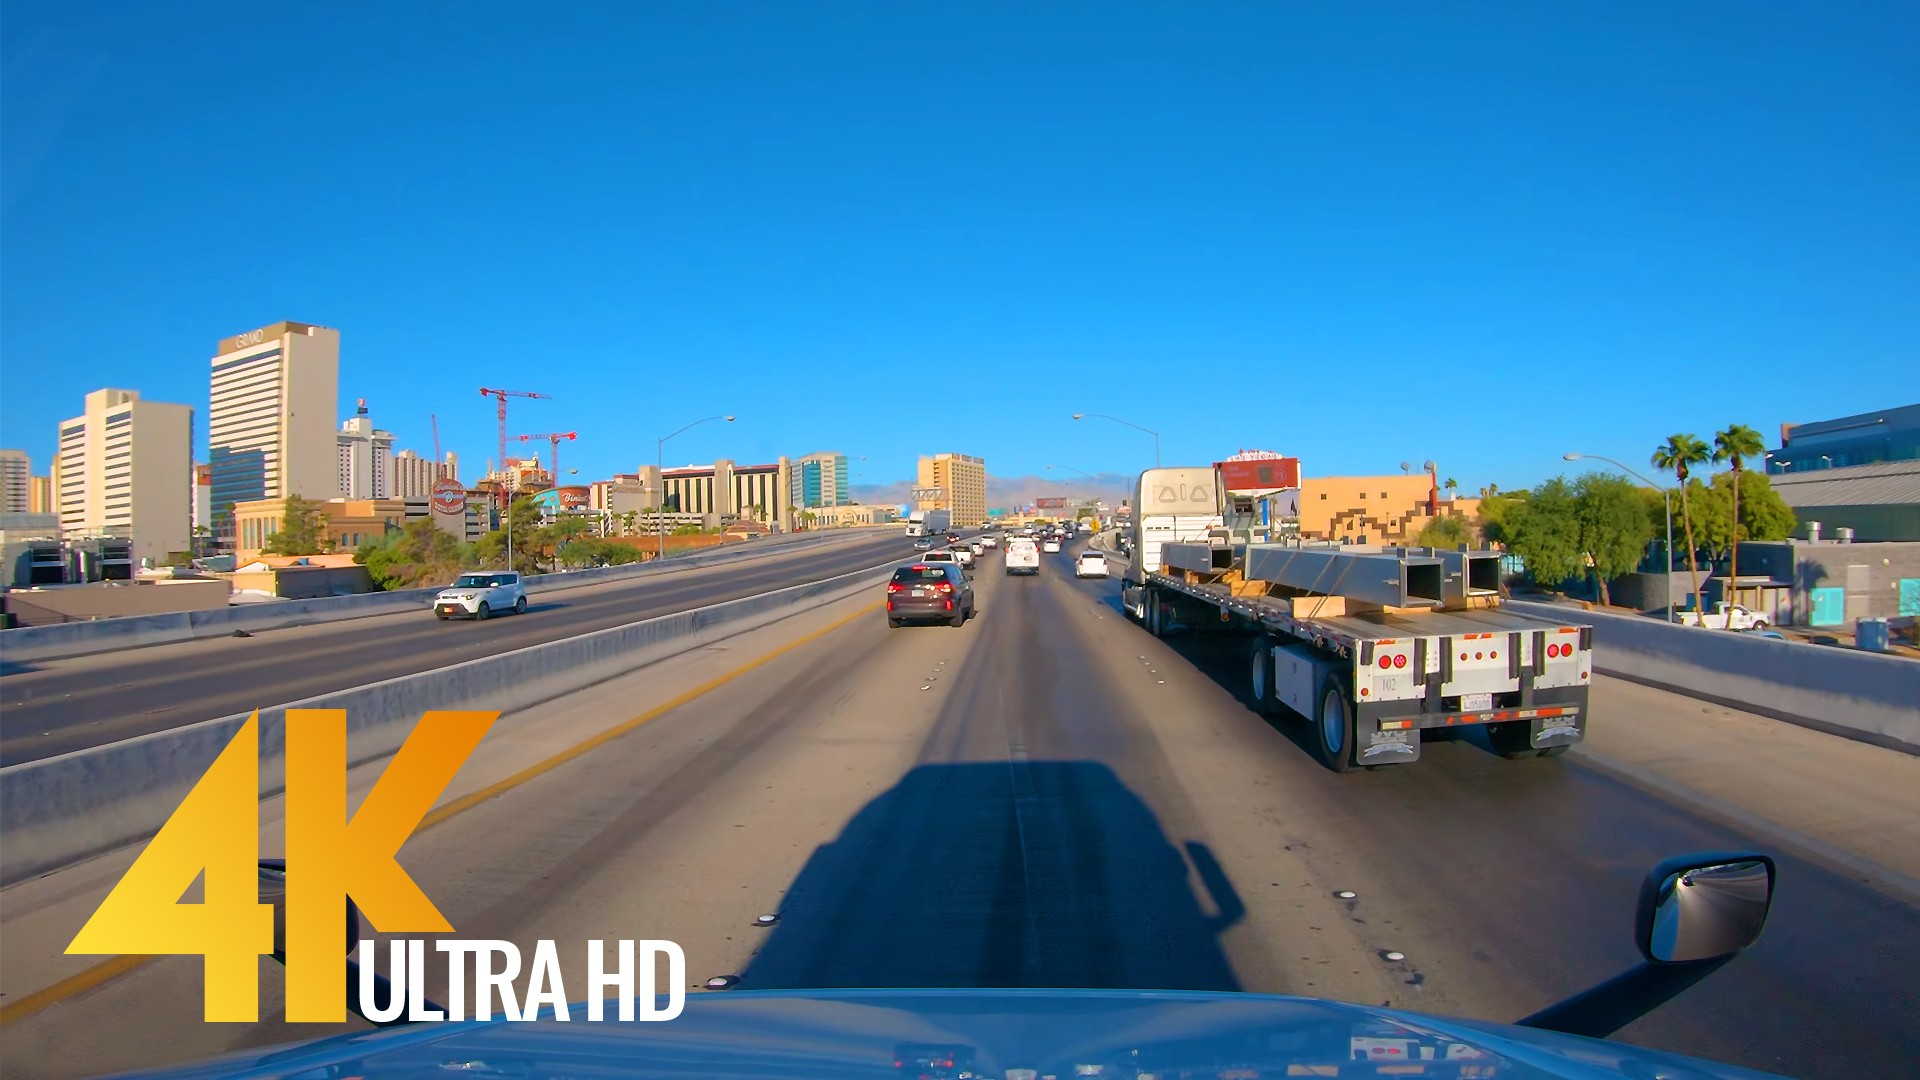 American roads by truck 4